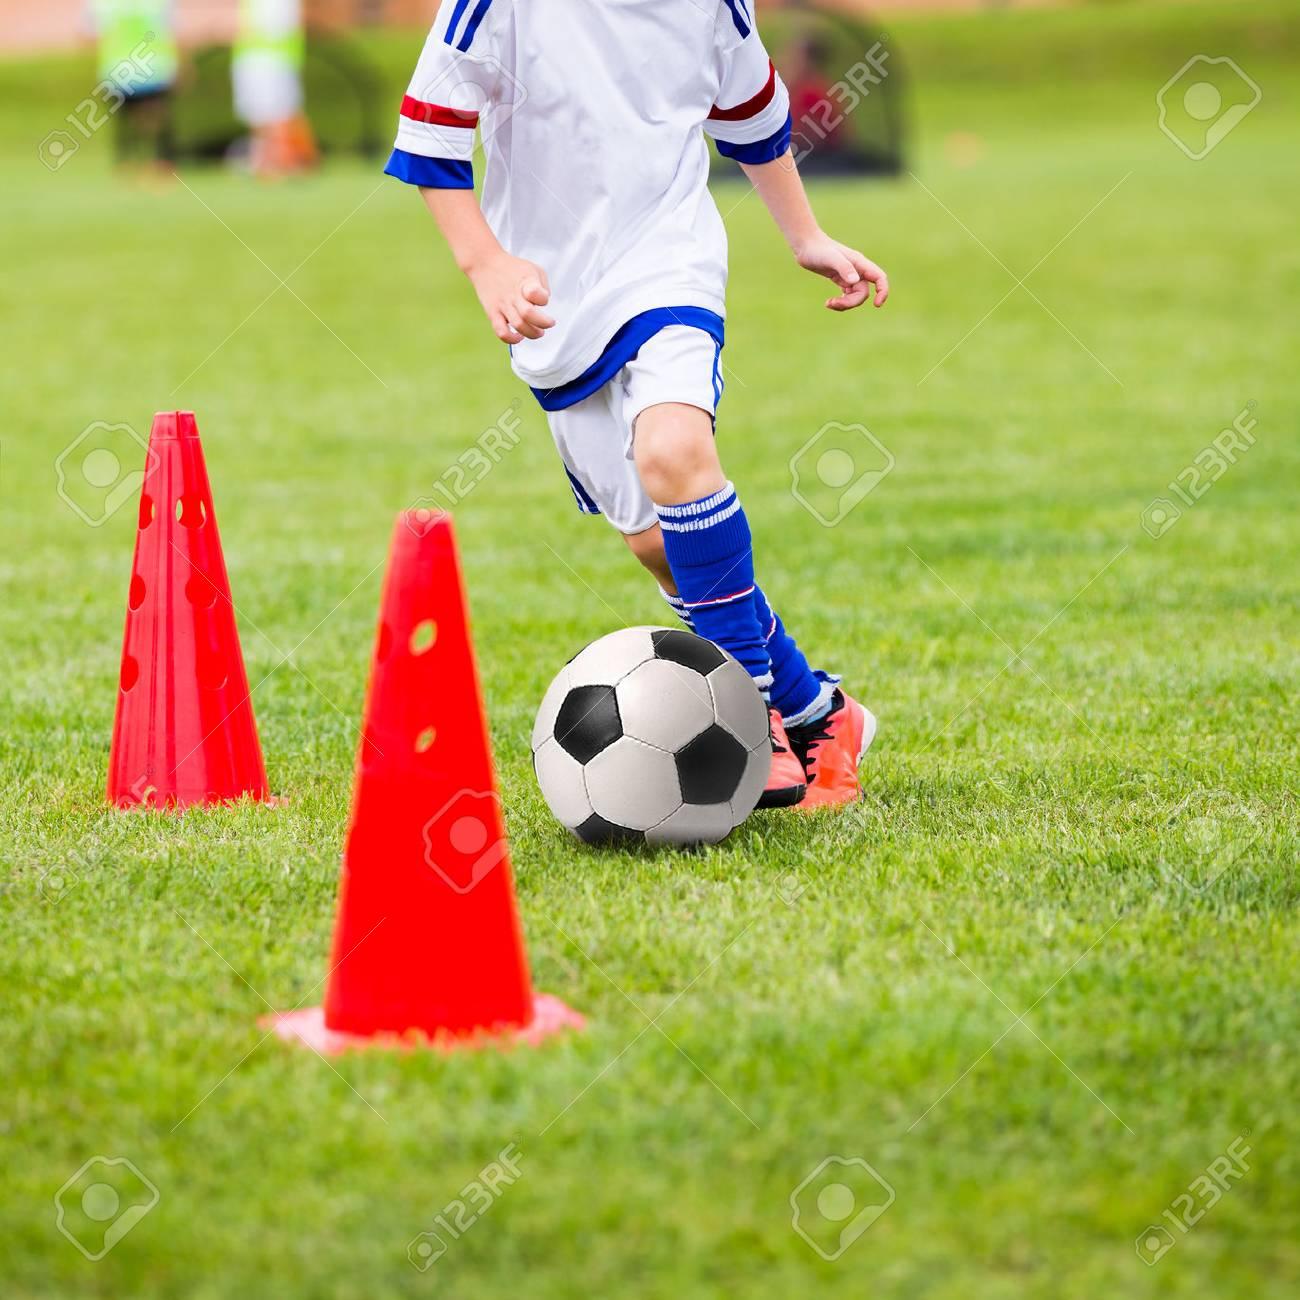 8be9c7380e015 Jugando al fútbol chico. sesión de entrenamiento de fútbol para los niños.  Chicos está